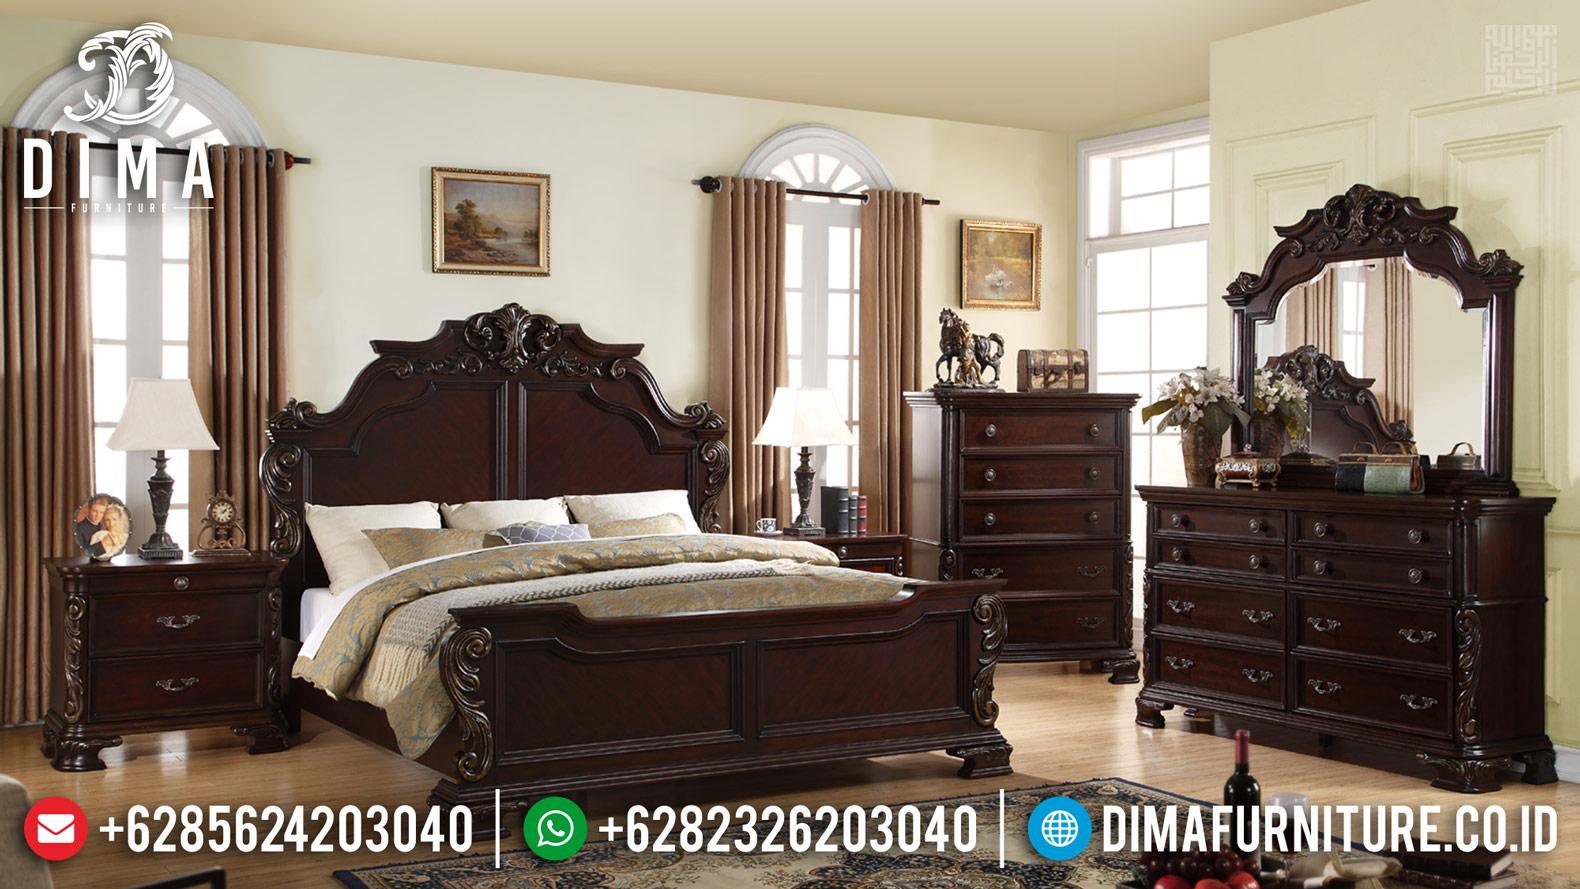 Tempat Tidur Mewah Jati Jepara Luxury Crown Carving Furniture Jepara TTJ-0423